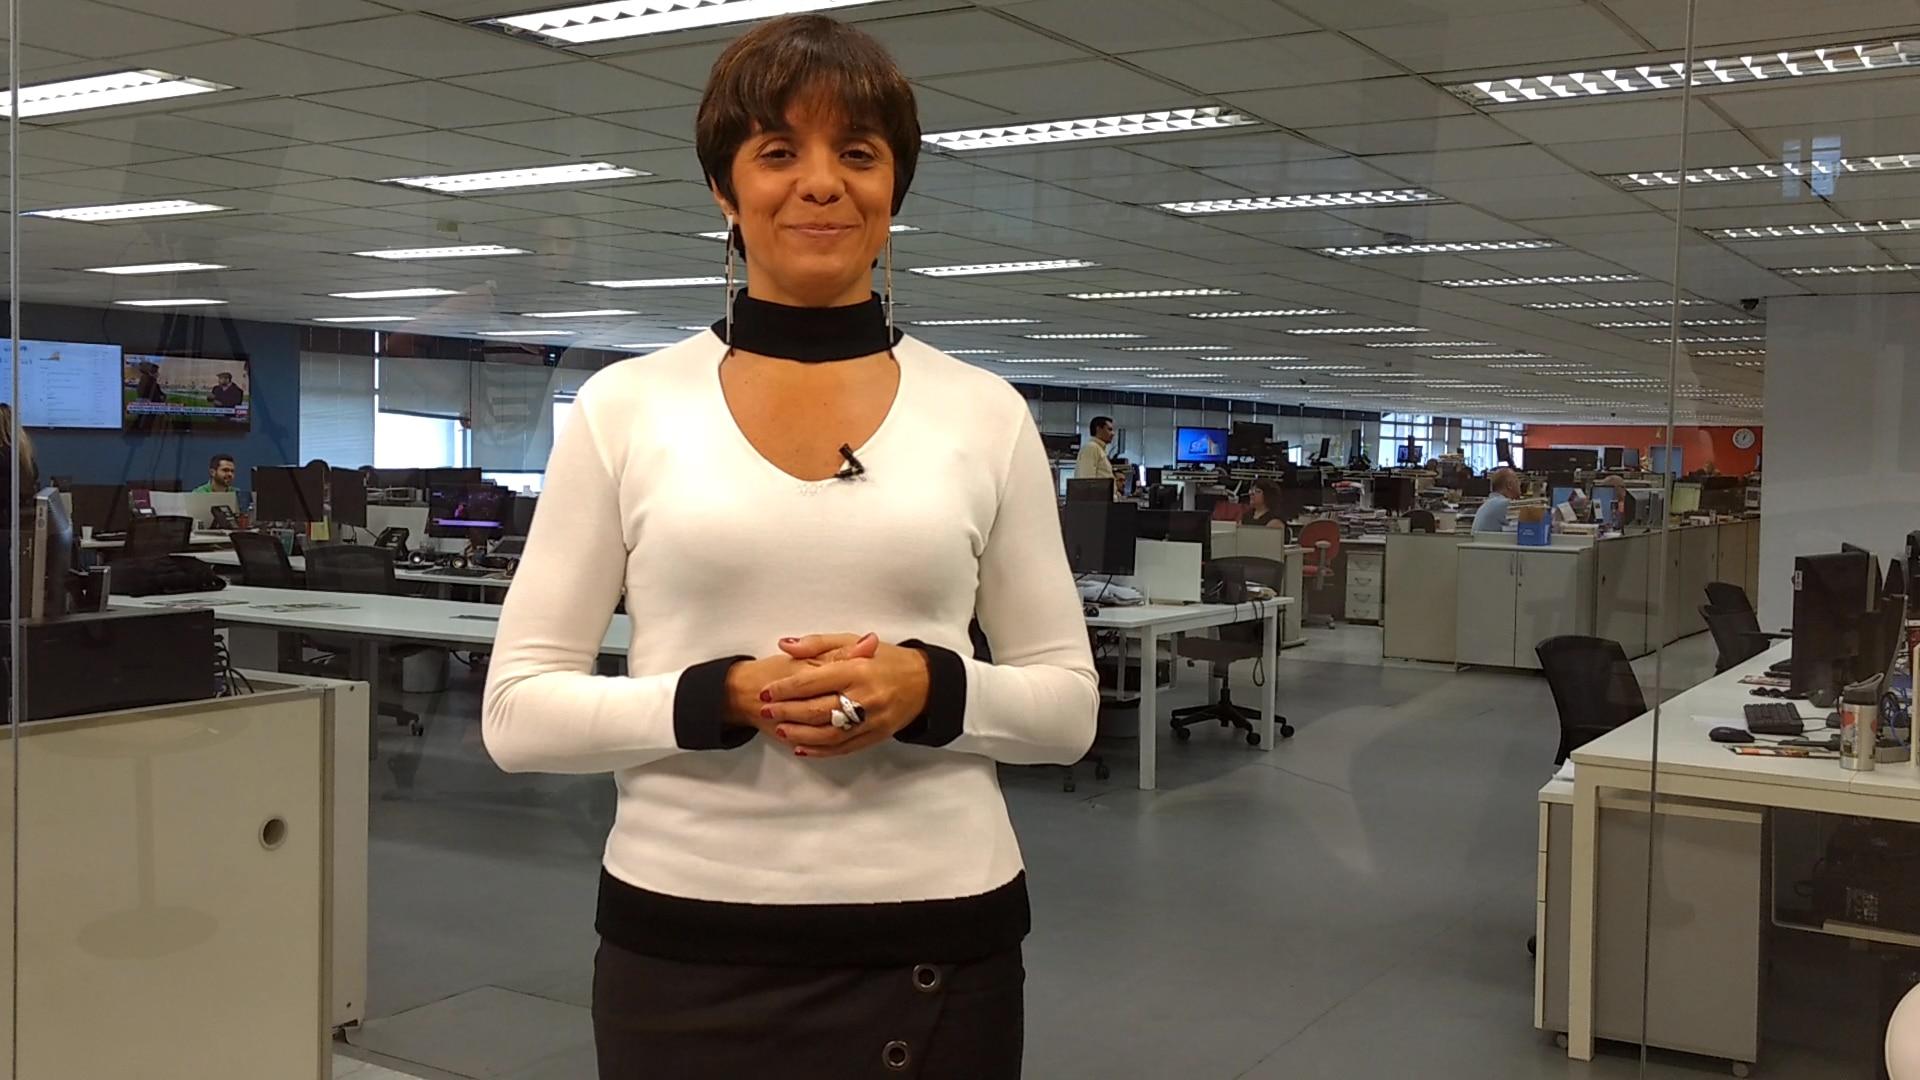 Vera Magalhães: Políticos ressuscitam tentativas de conter investigações